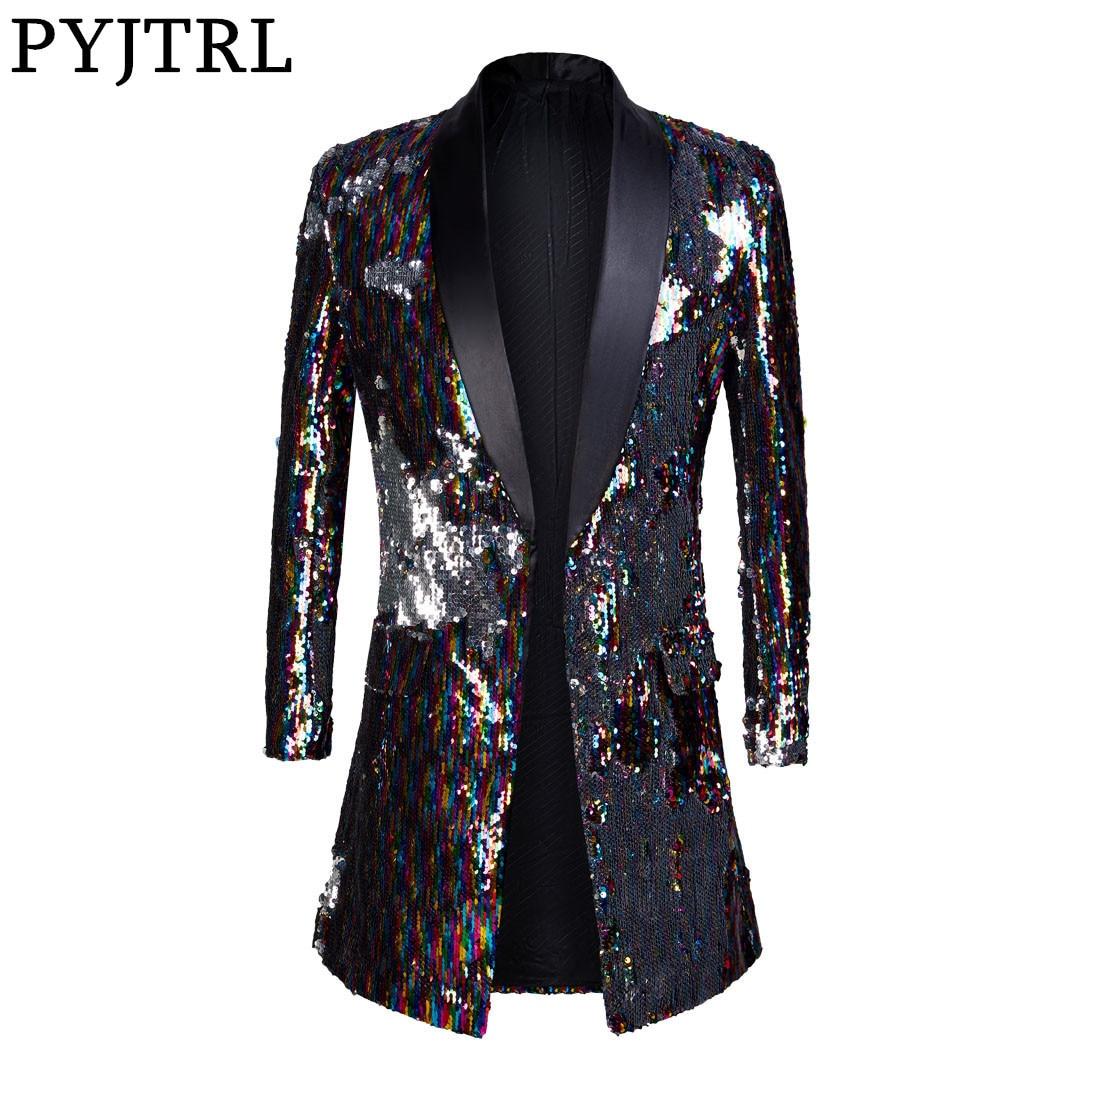 PYJTRL Mâle Mode Châle Revers Double face Coloré Paillettes Longue Costumes Veste Blazer Masculino Hommes Slim Fit DJ Chanteur costume